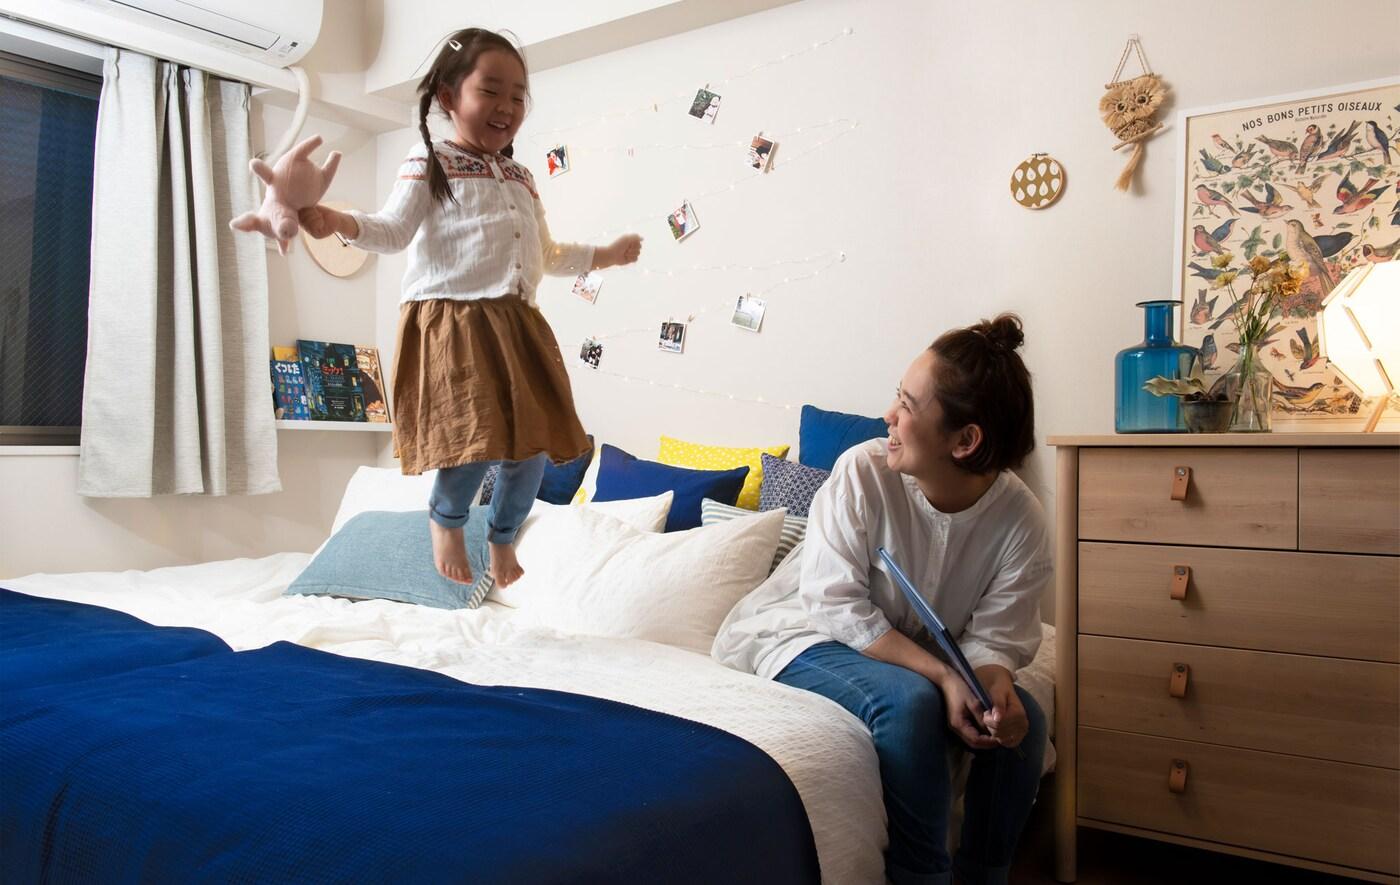 Žena sedi, dok dete stoji na velikom krevetu u beloj spavaćoj sobi s policama za knjige, montiranim na zid.